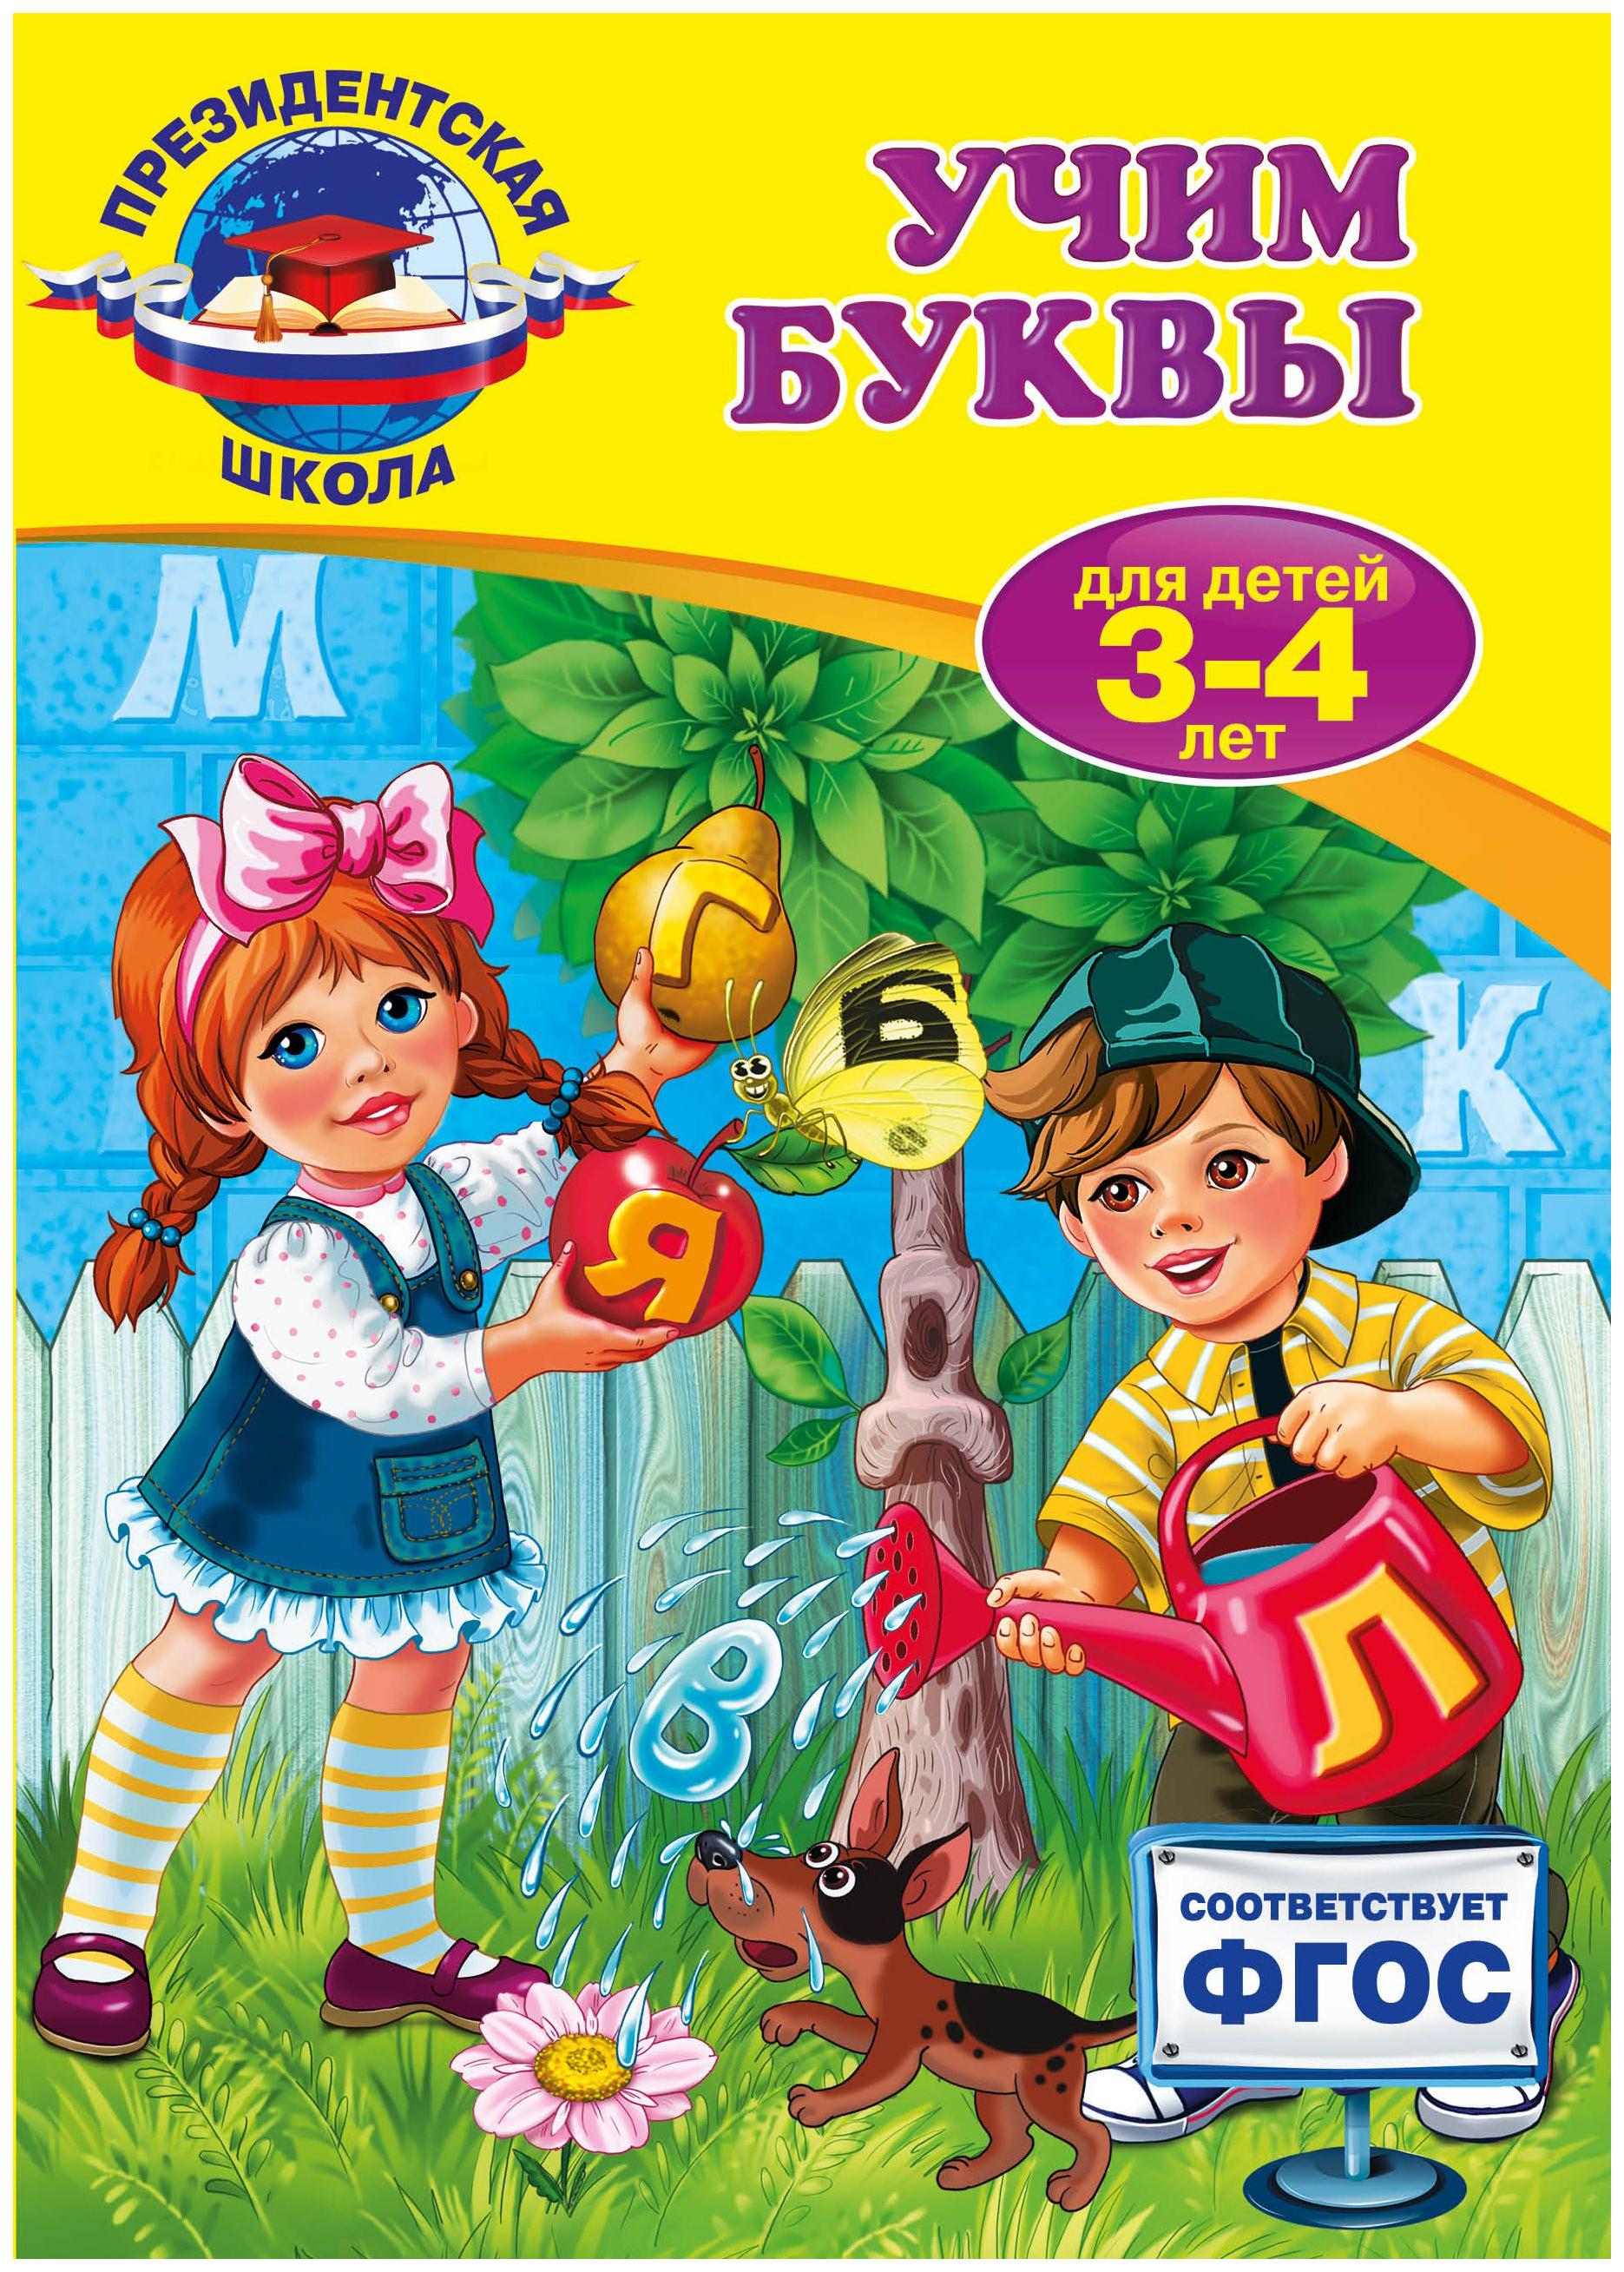 Купить Начинаем считать для детей 3 4 лет Эксмо 978-5-699-82599-8, Книги по обучению и развитию детей